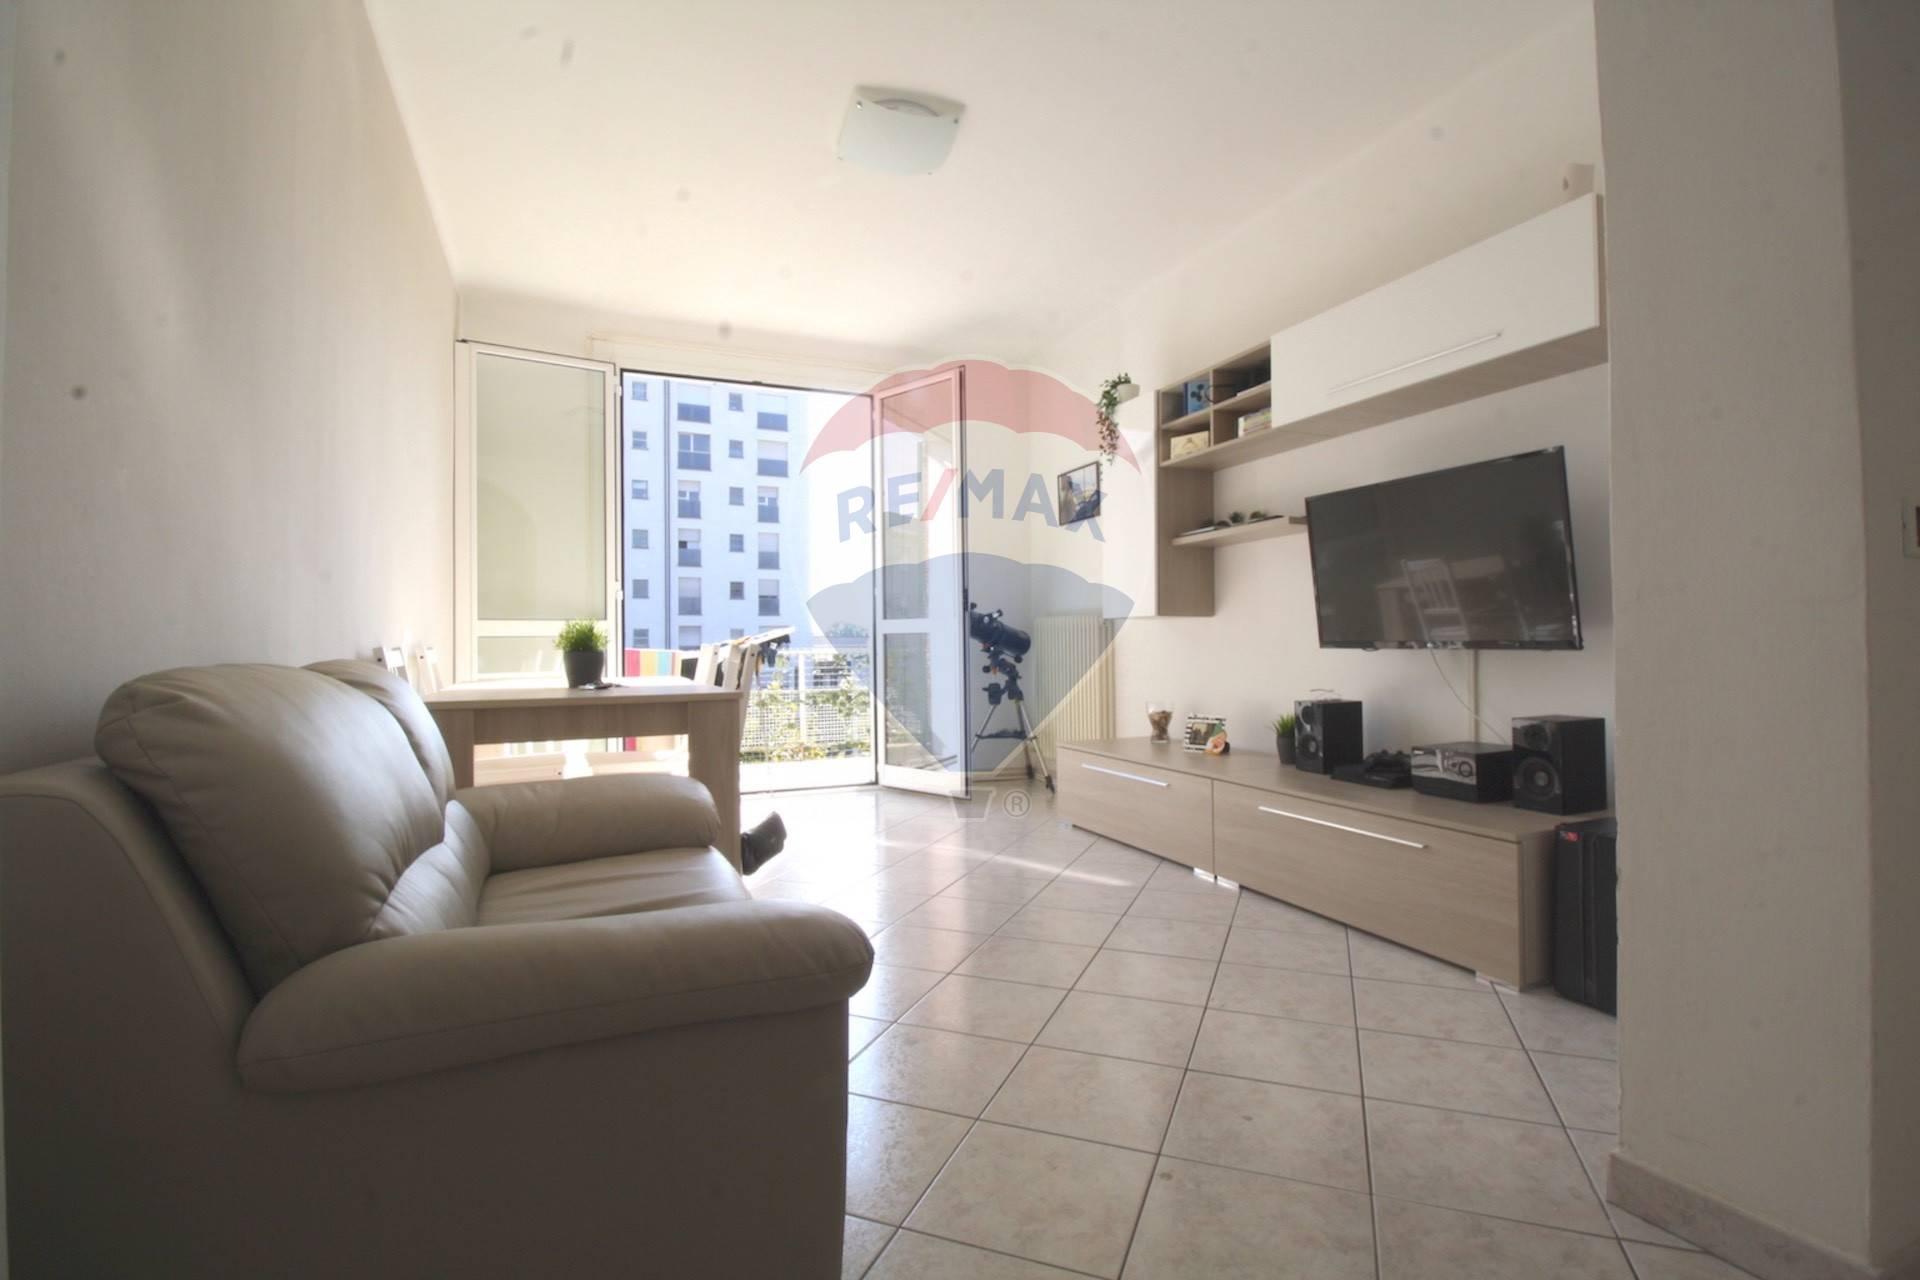 Appartamento in vendita a Sant'Ilario d'Enza, 4 locali, prezzo € 90.000 | CambioCasa.it